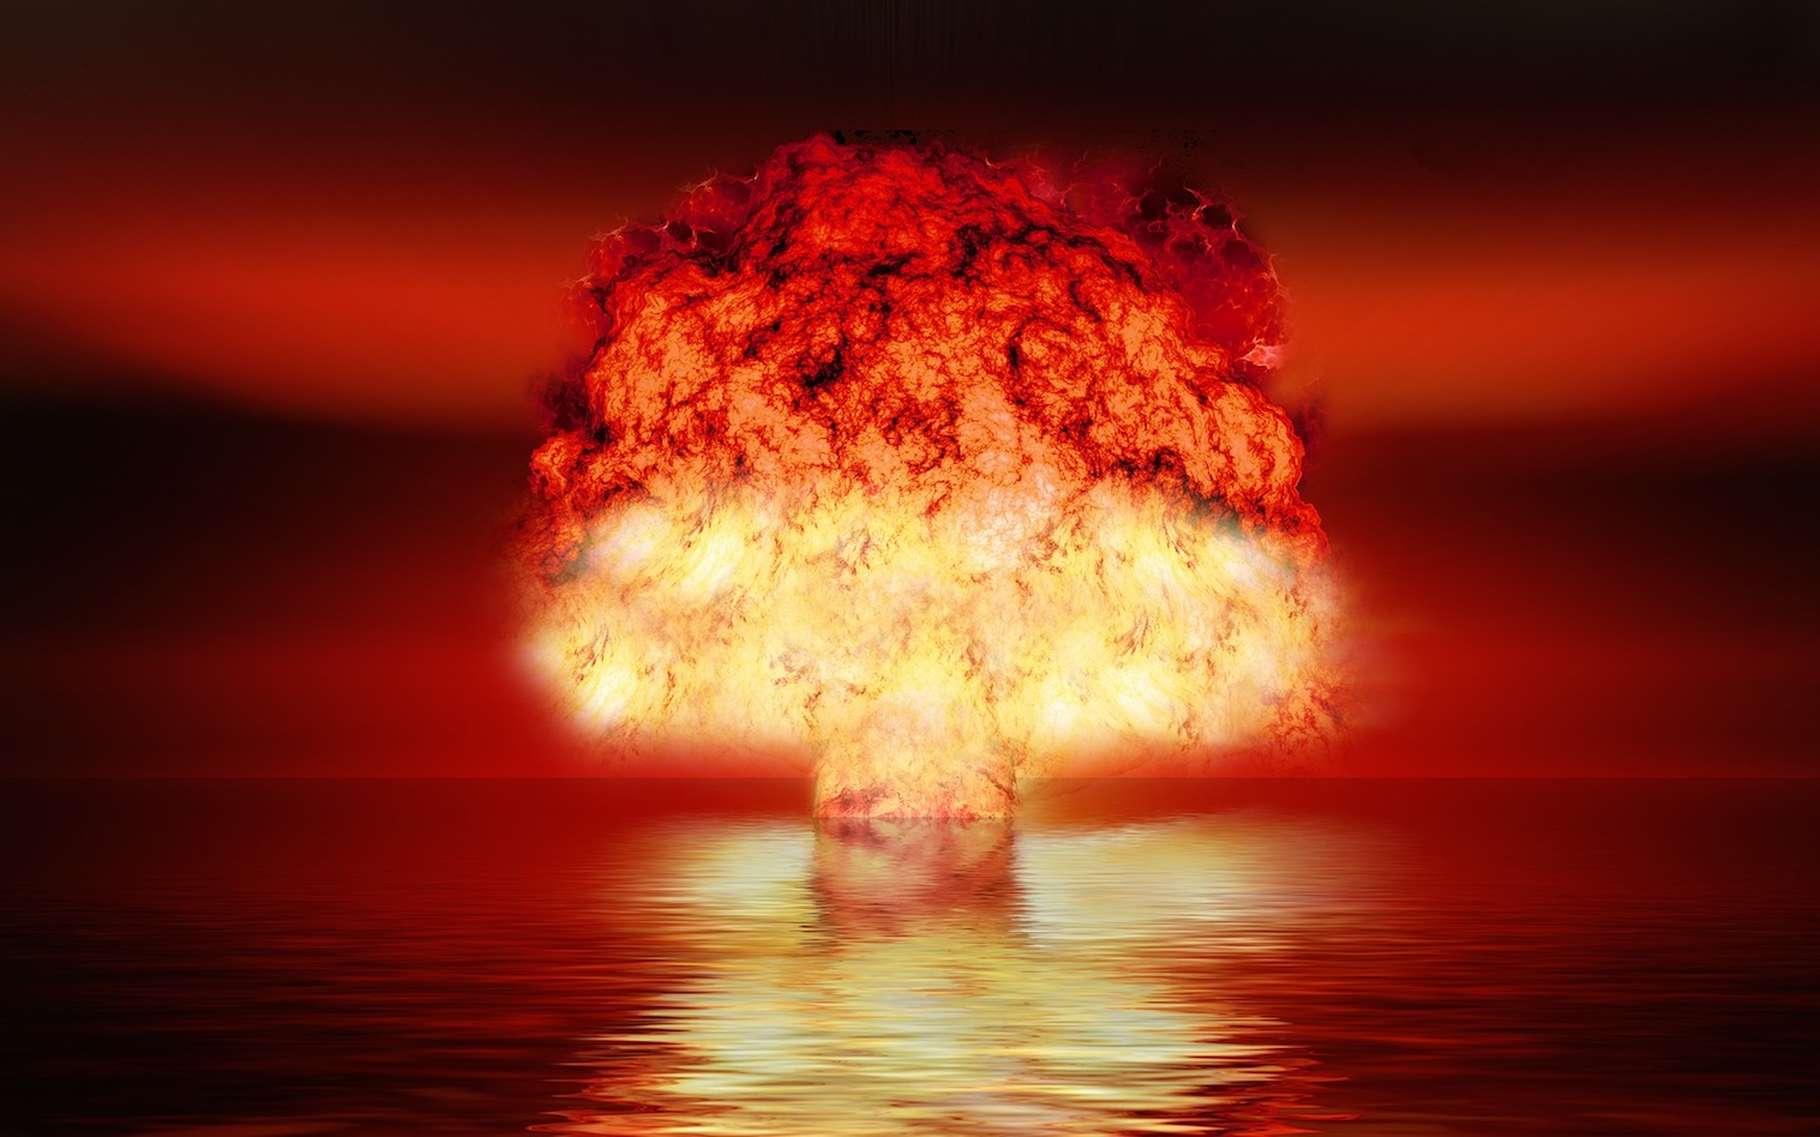 Le 3 septembre 2017, la Corée du Nord a prétendu avoir testé une bombe H. Jusqu'alors, seuls cinq pays – les États-Unis, la Russie, la Grande-Bretagne, la Chine et la France – avaient démontré leur capacité à initier une telle explosion. © geralt, Pixabay, CC0 Creative Commons